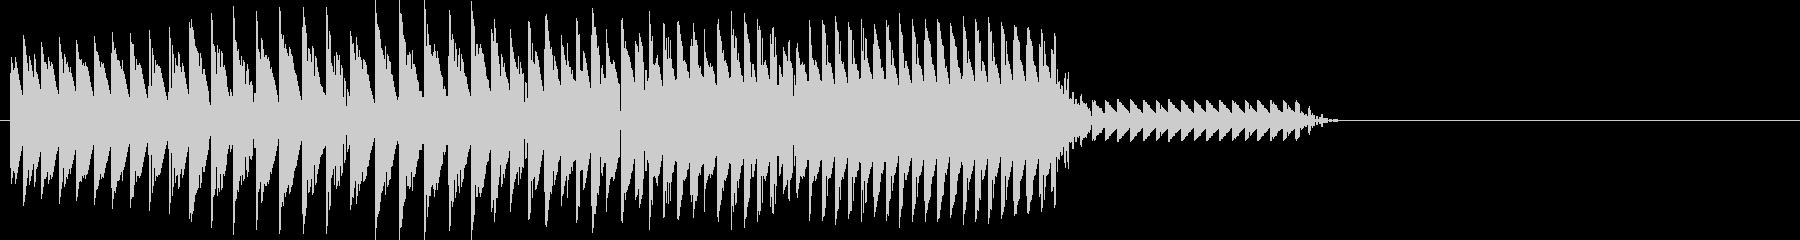 バファッ(ボタン音・装飾音・おもしろ)の未再生の波形